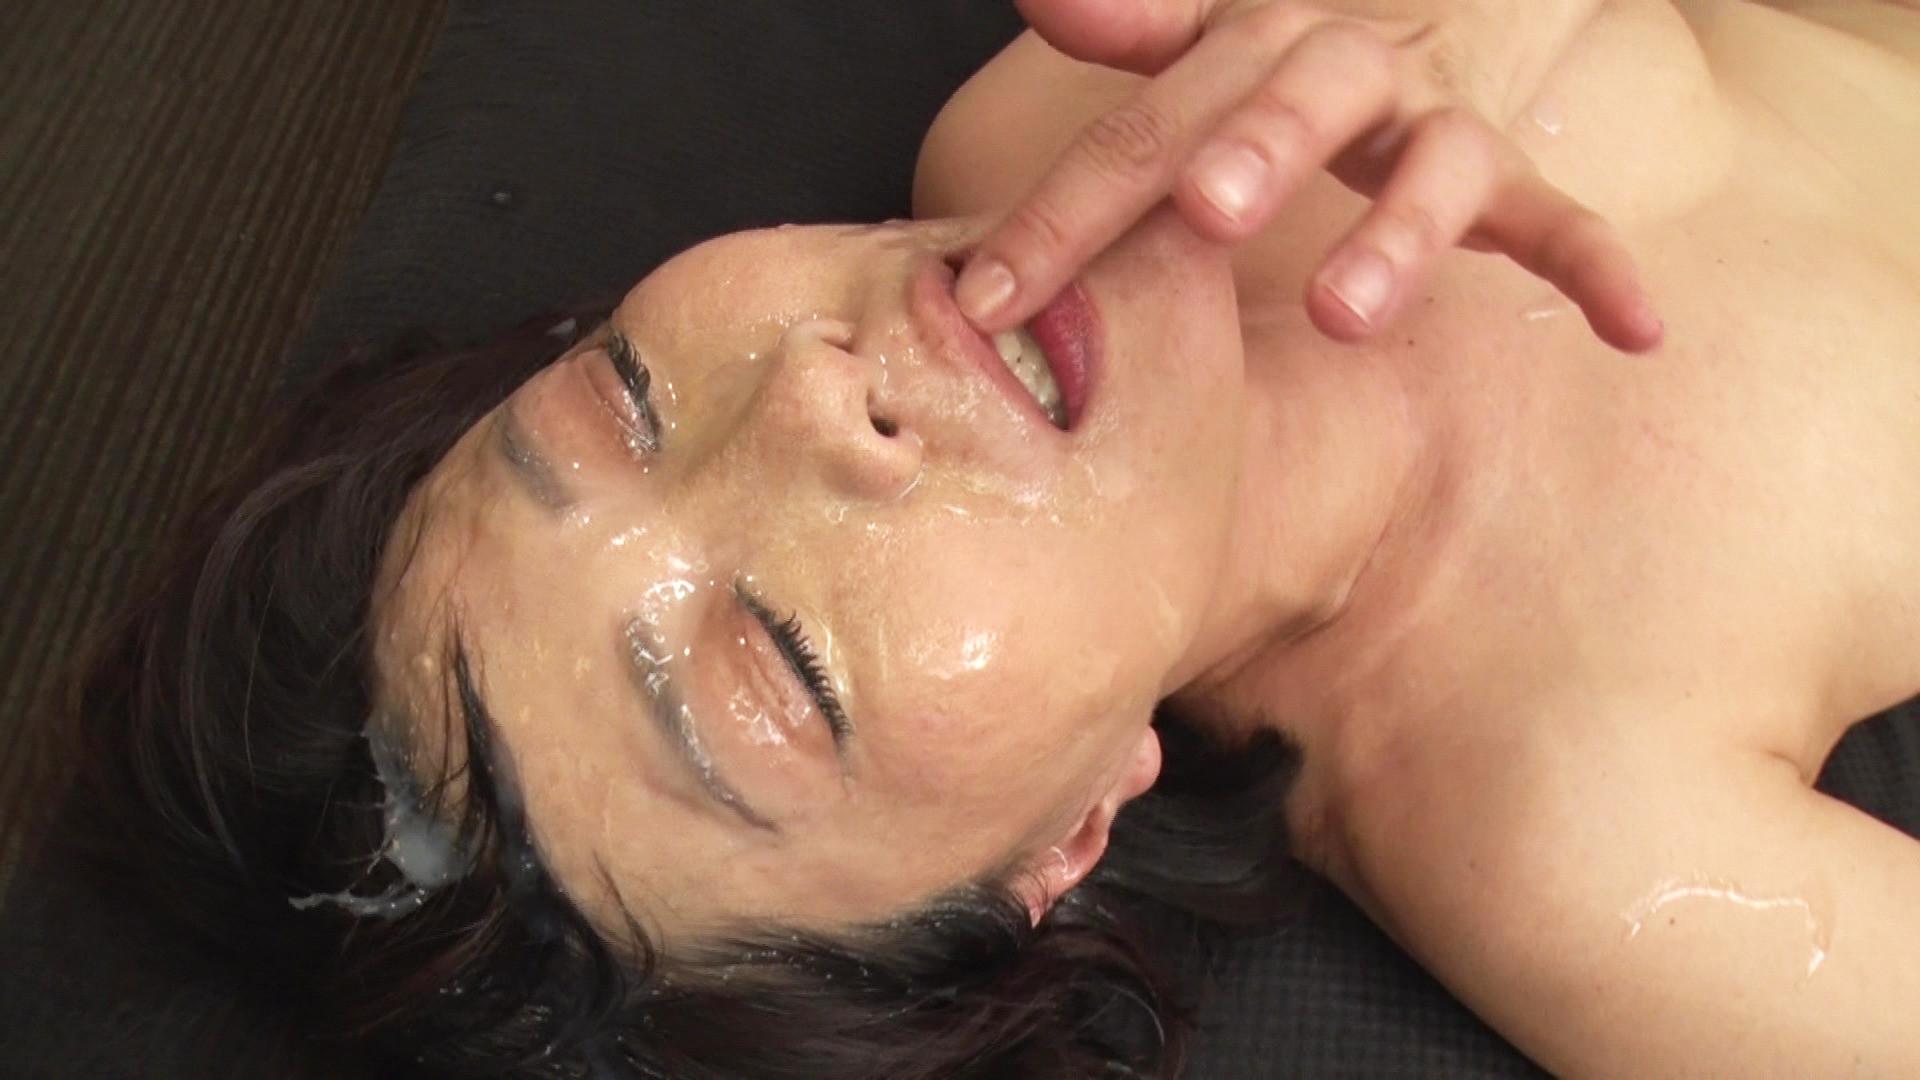 ハメられながら連続顔面シャワーで白く汚される妖艶熟女。粘液にまみれながら恍惚の表情を浮かべる・・・ 画像8